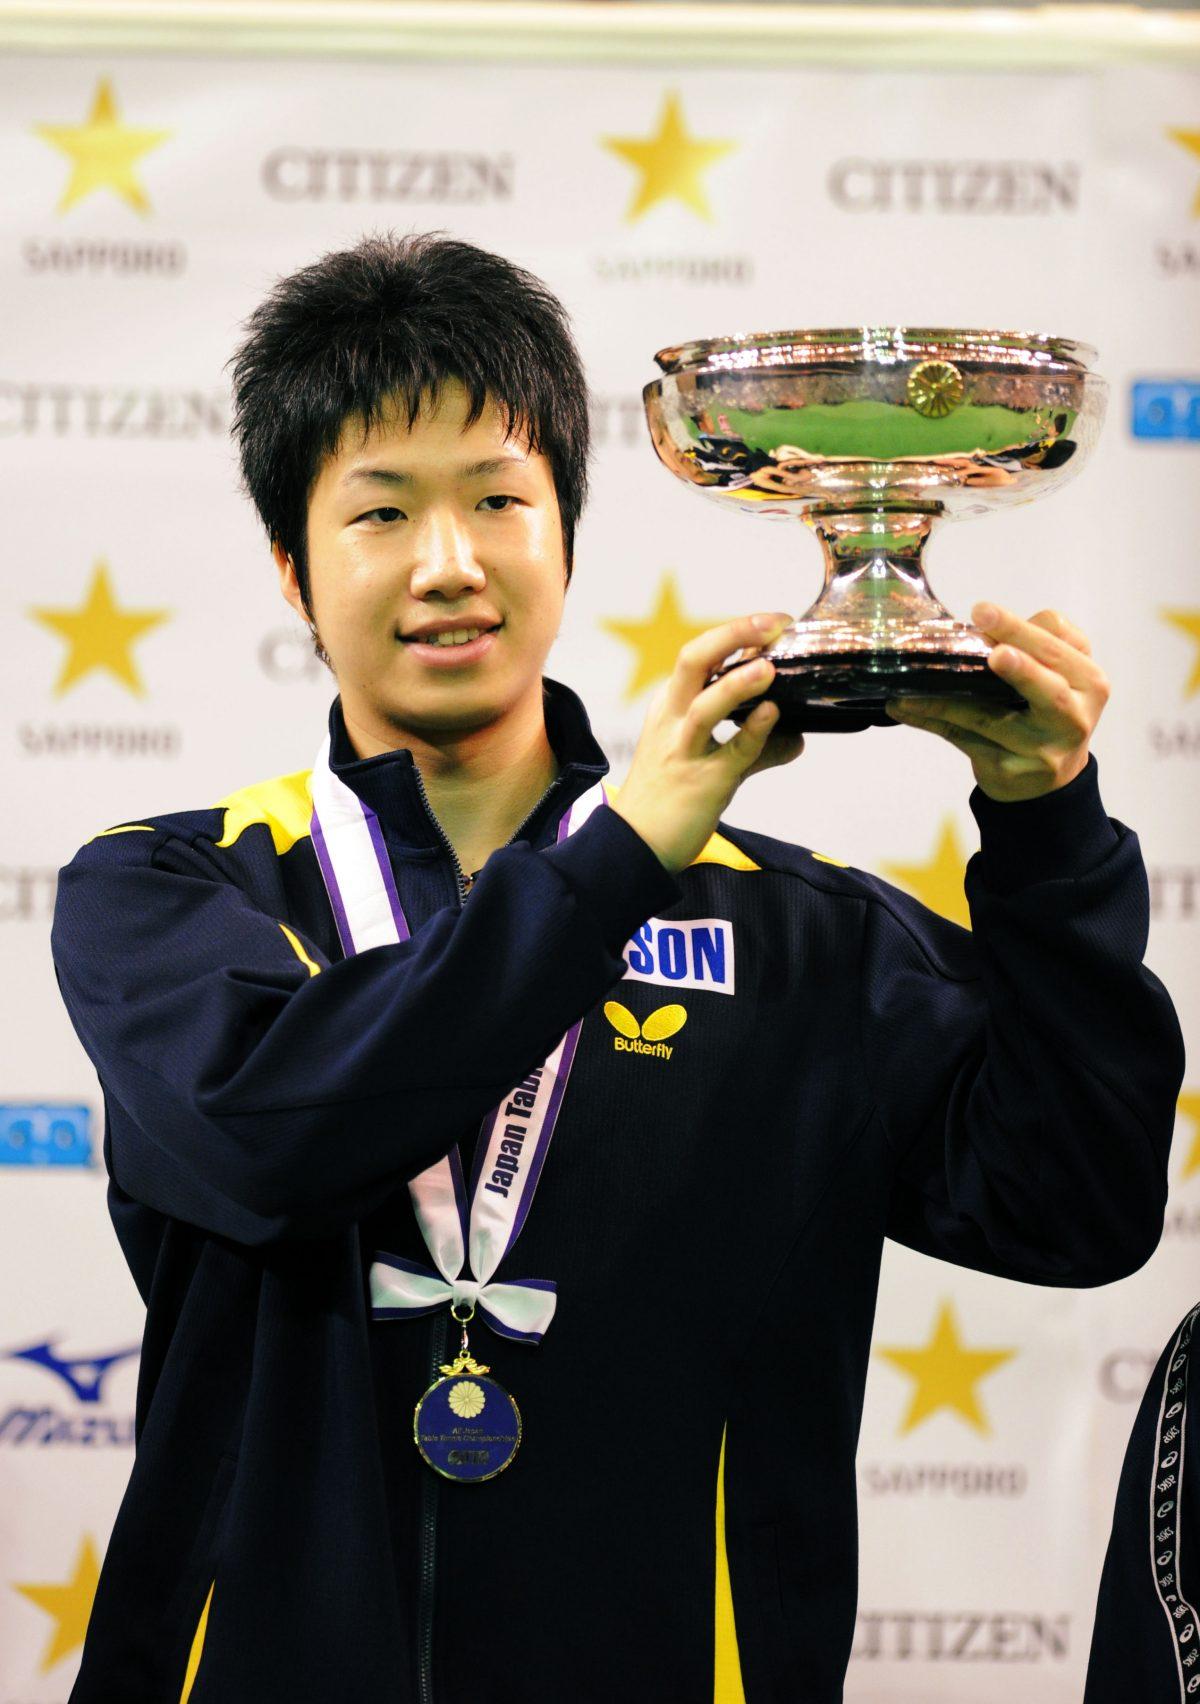 写真:2009年度全日本で優勝した水谷隼/提供:アフロスポーツ